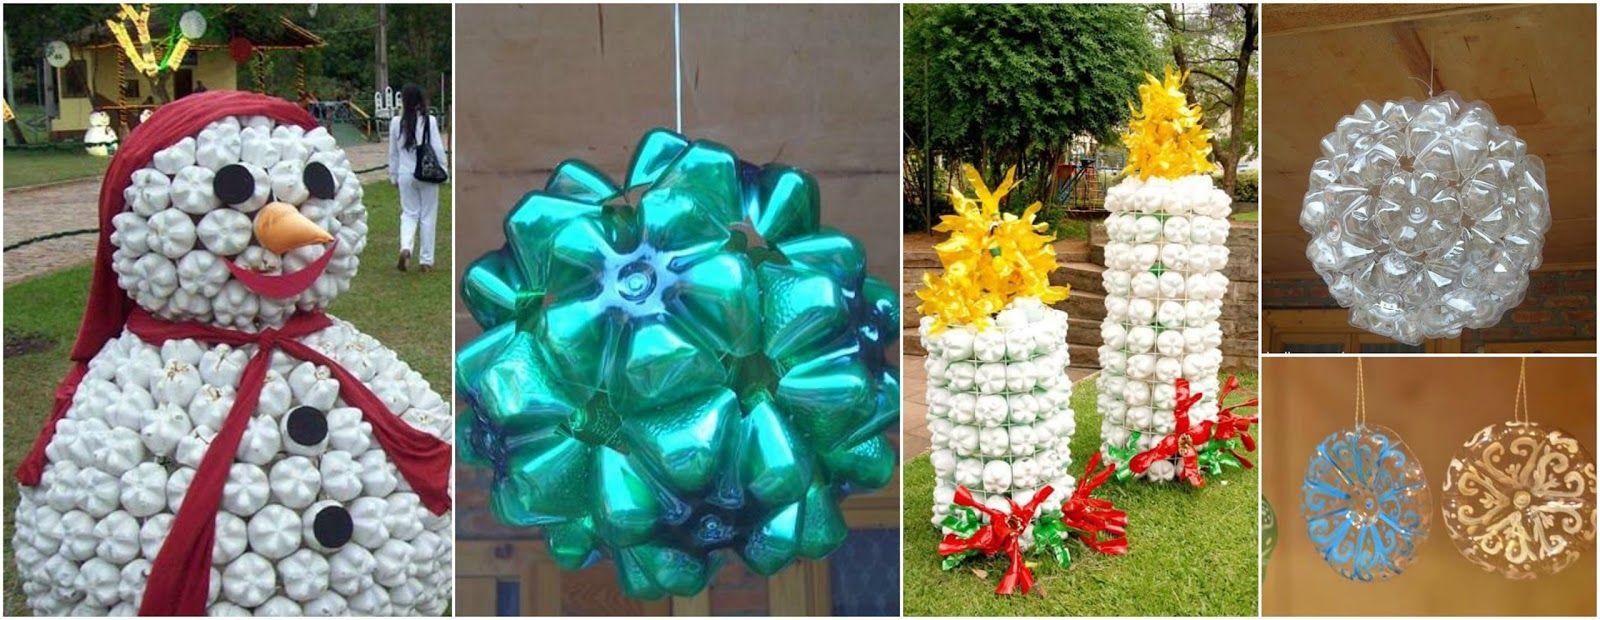 Haz 9 adornos navideños gigantes reciclando botellas de plástico